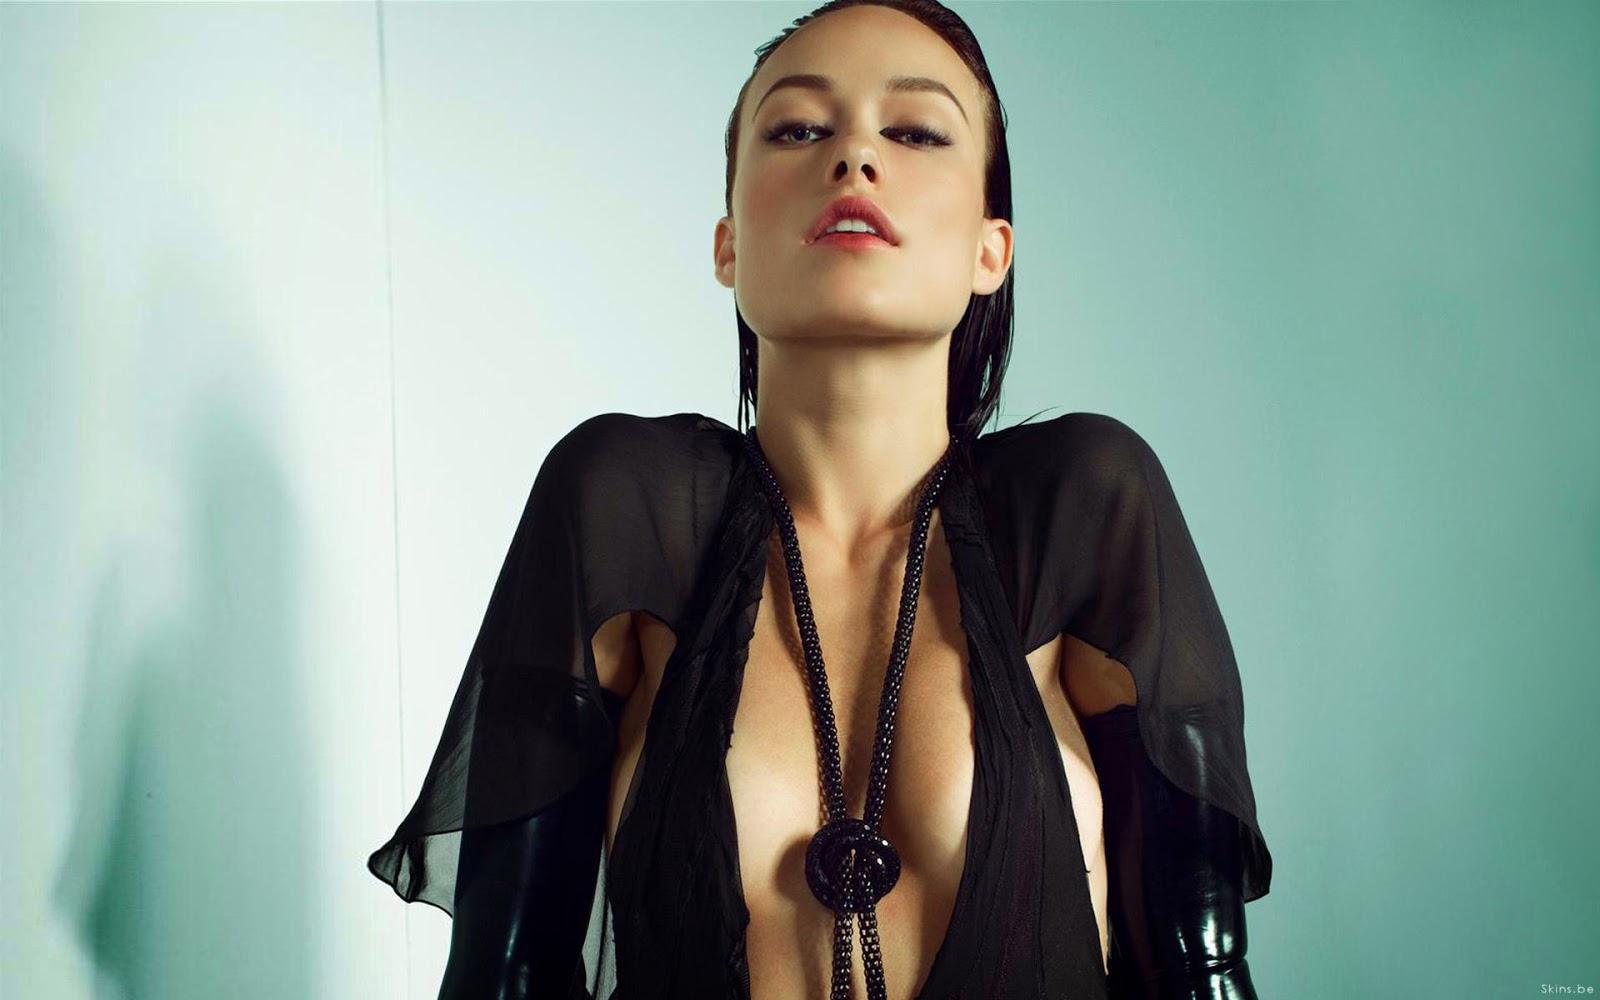 Olivia Wilde Photo 002